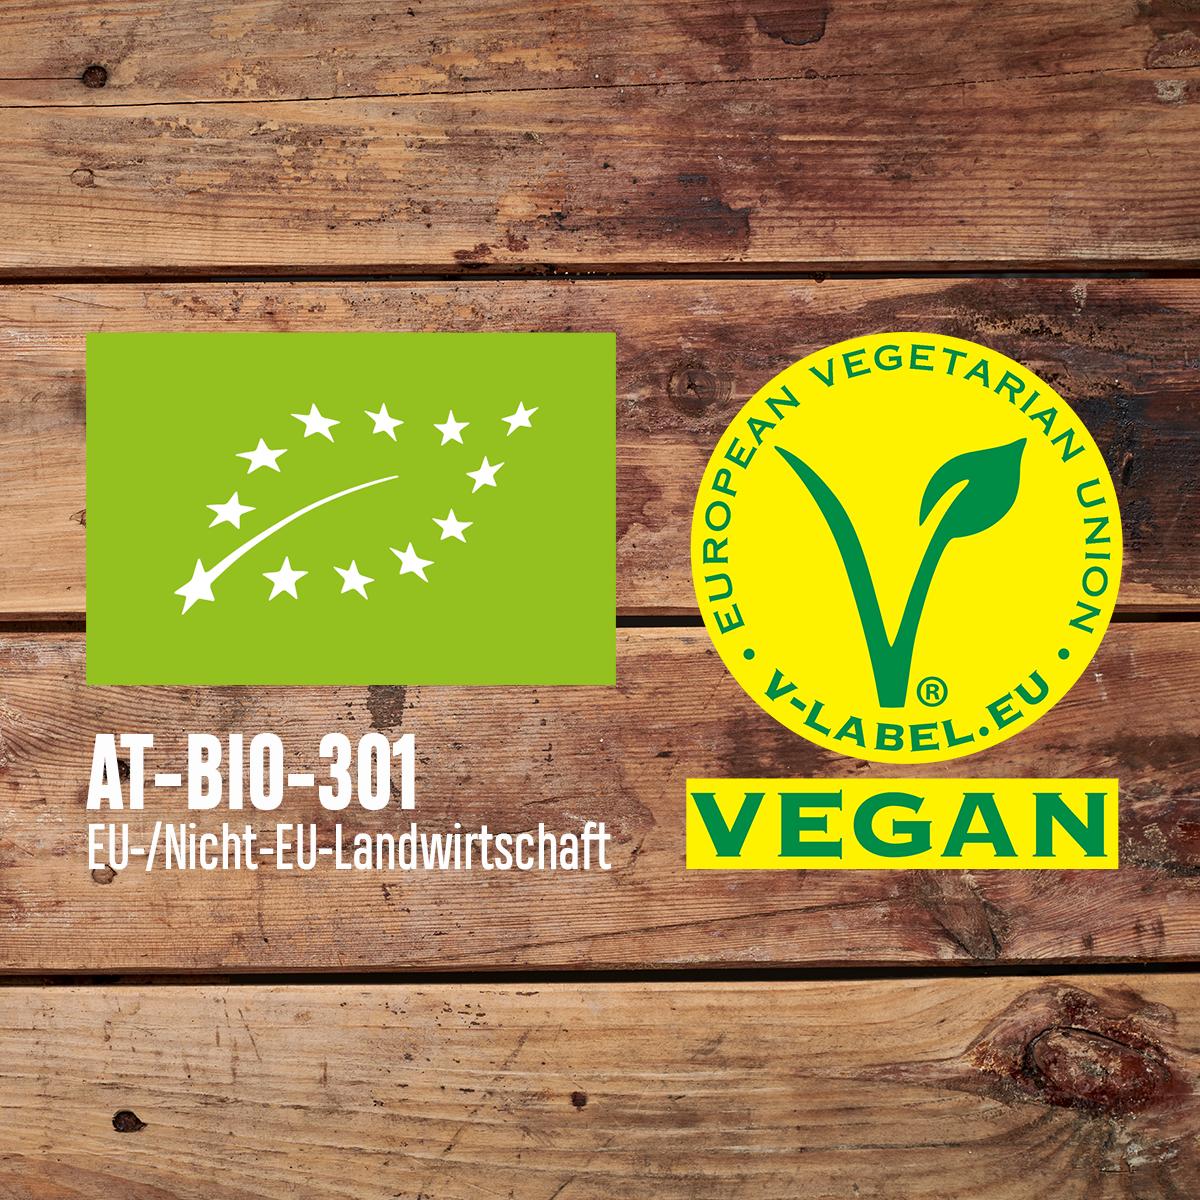 Ingwerer bio und vegan